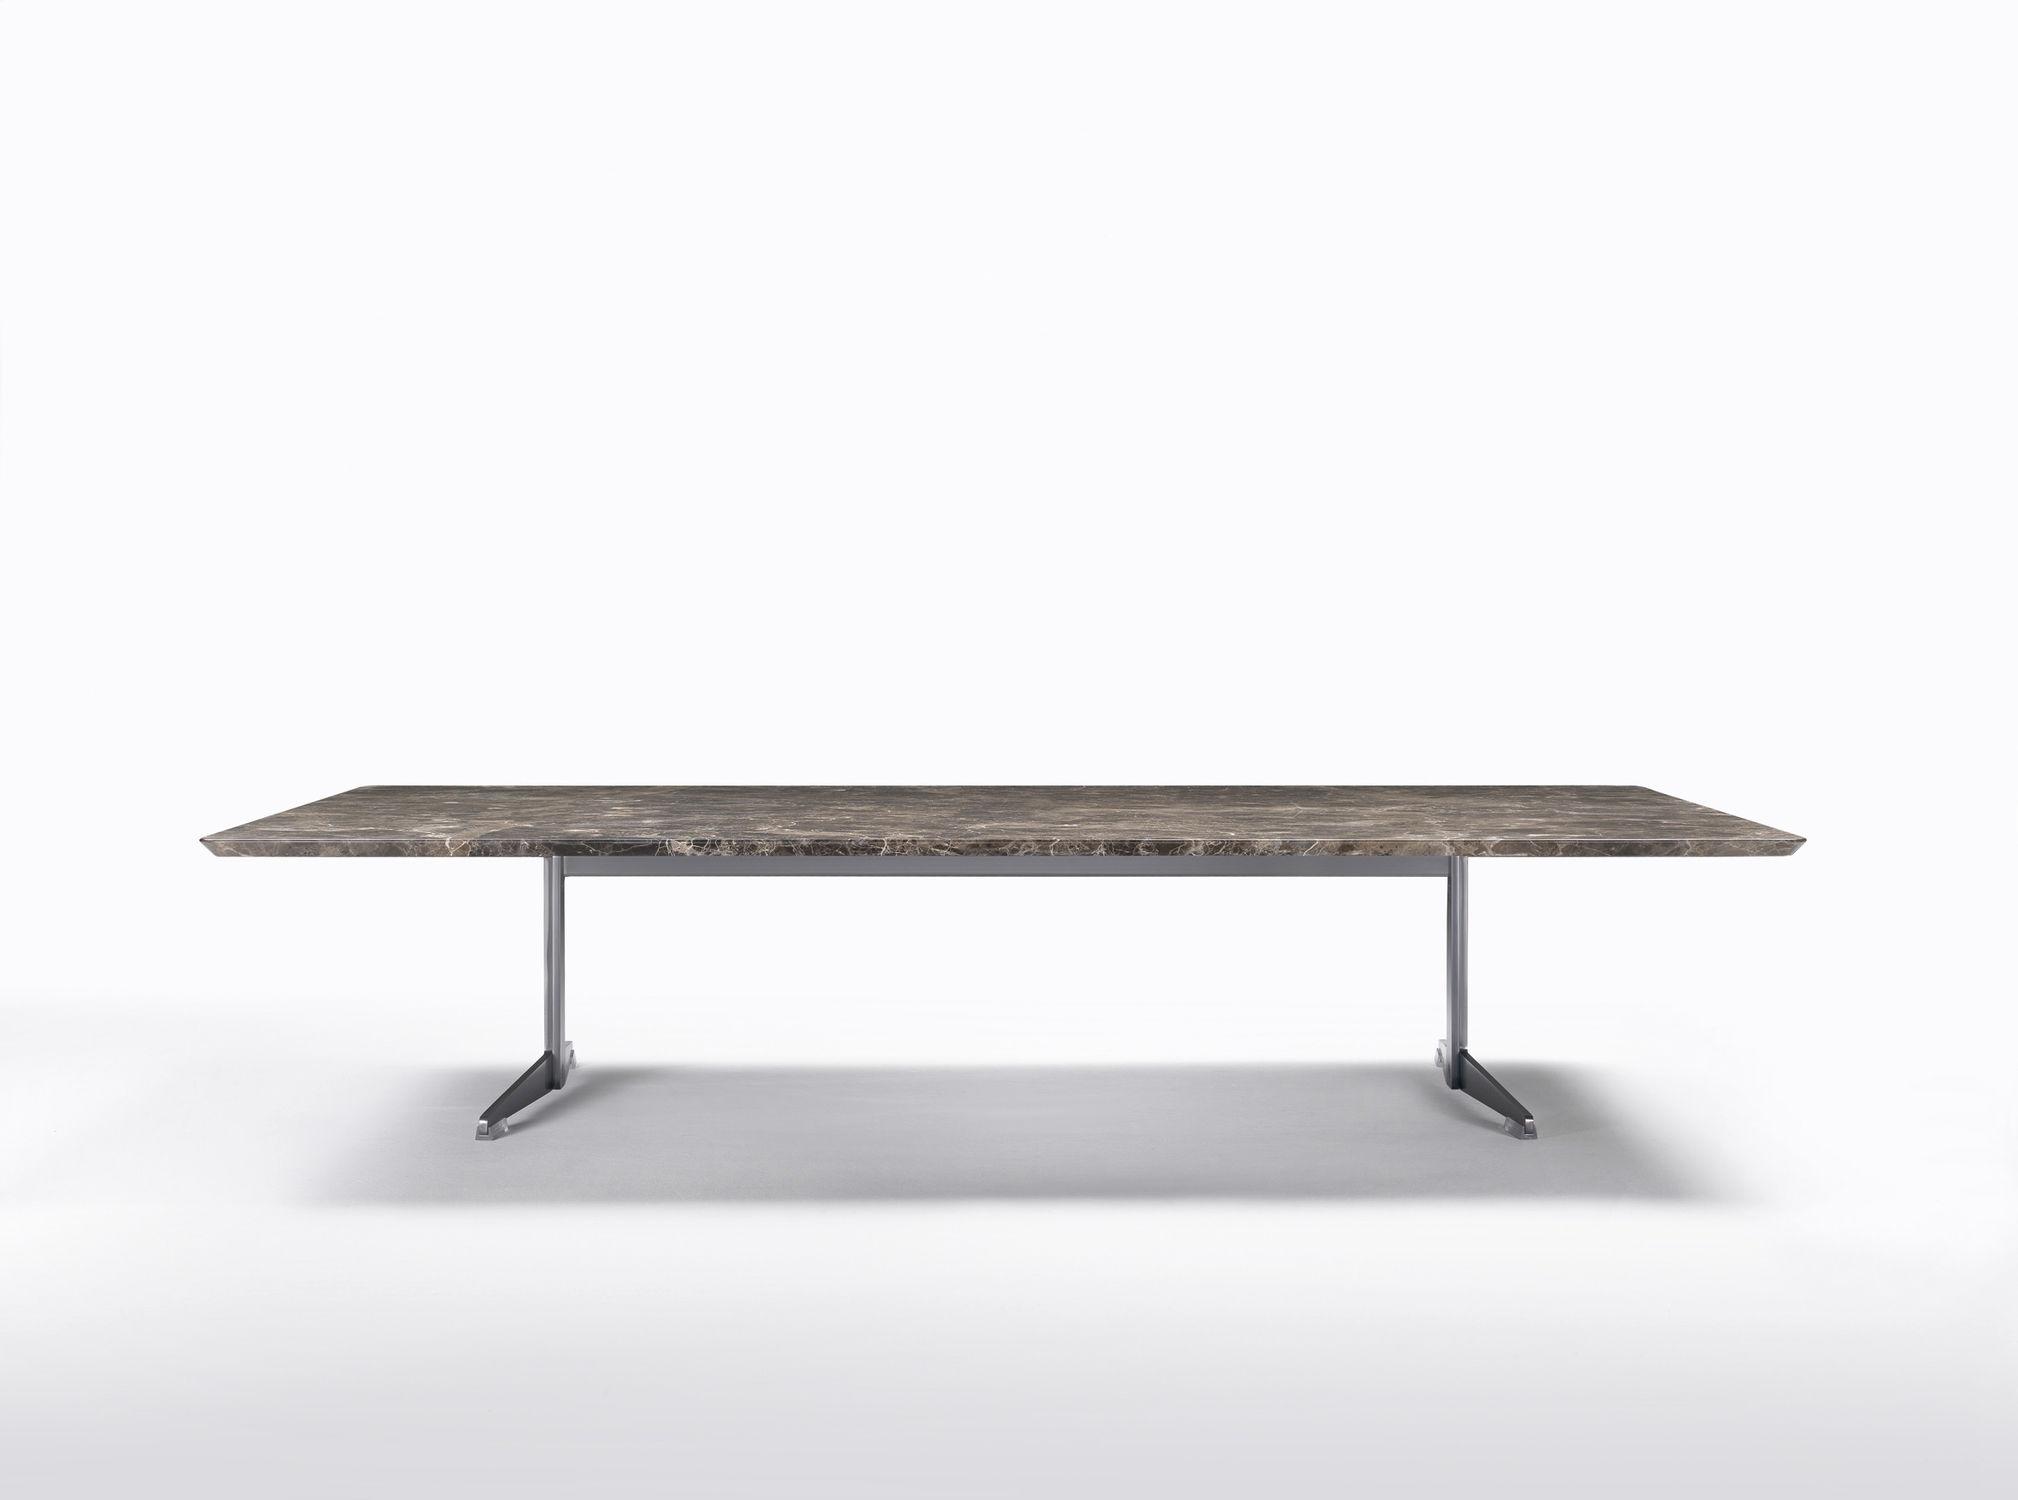 table basse marbre pas cher mobilier design d coration d 39 int rieur. Black Bedroom Furniture Sets. Home Design Ideas